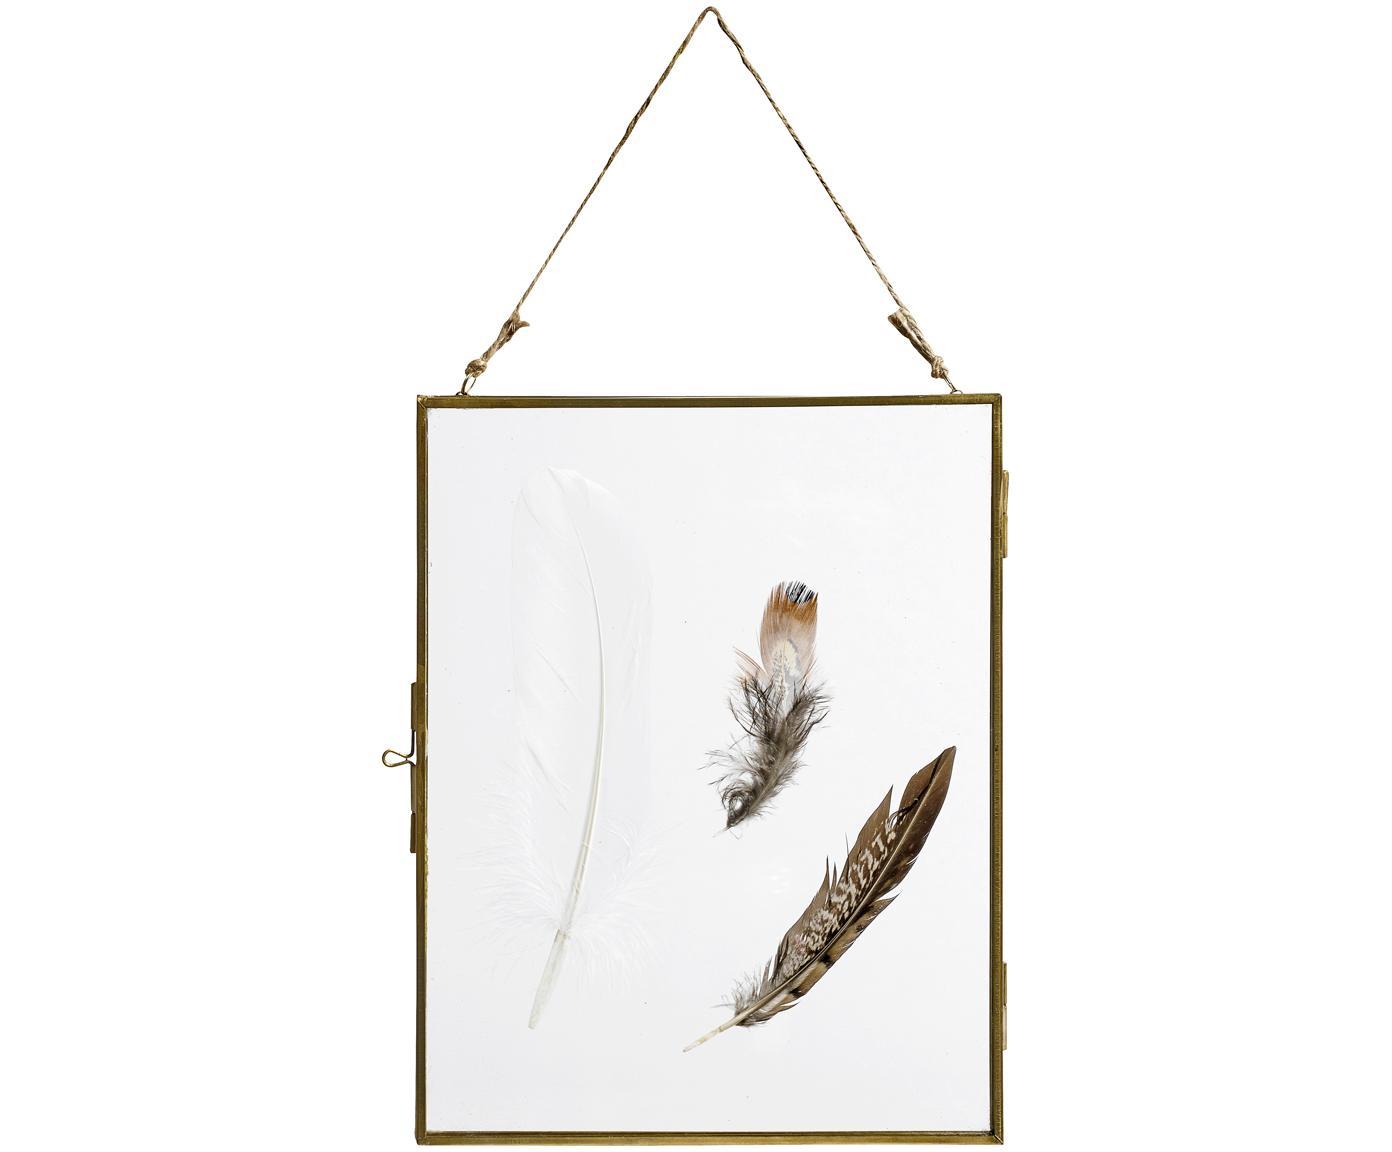 Ramka na zdjęcia Pioros, Odcienie mosiądzu, transparentny, S 20 x D 25 cm